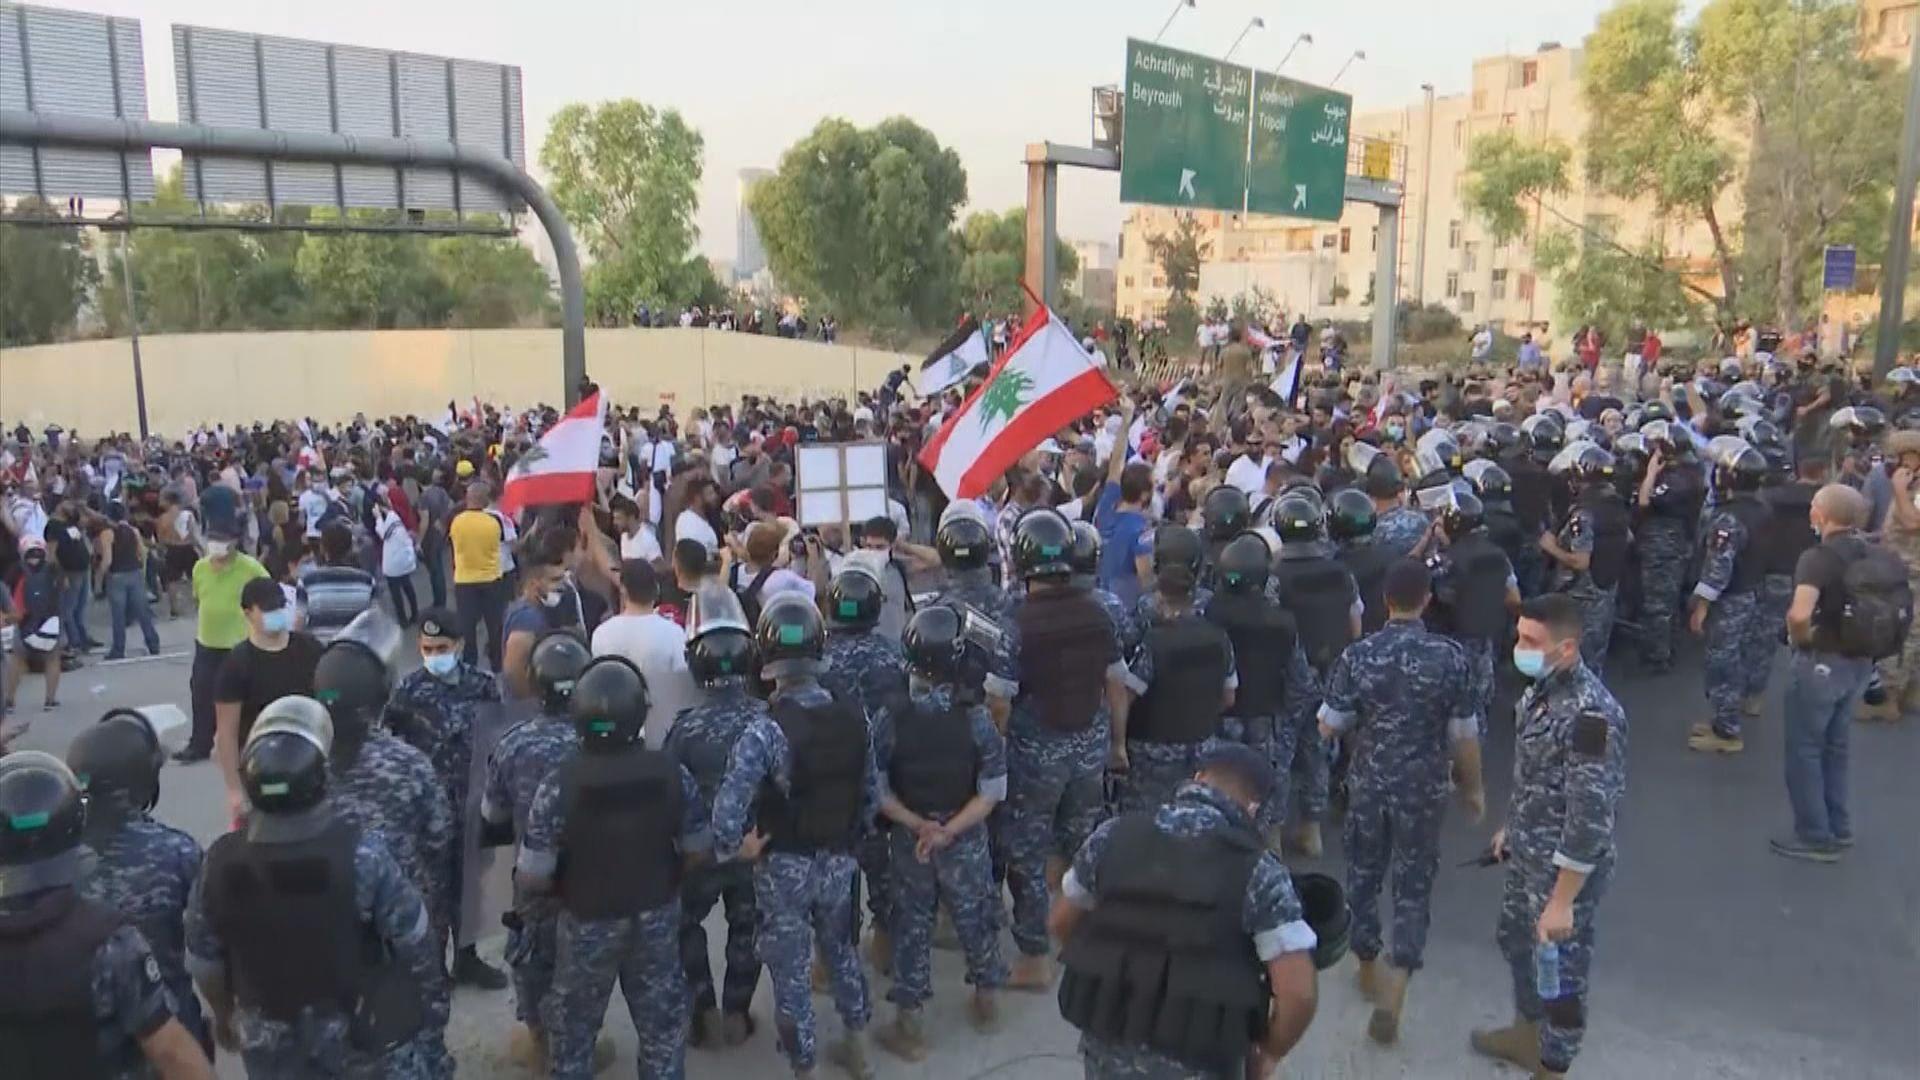 黎巴嫩再有反政府示威 要求當局為上月初爆炸負責